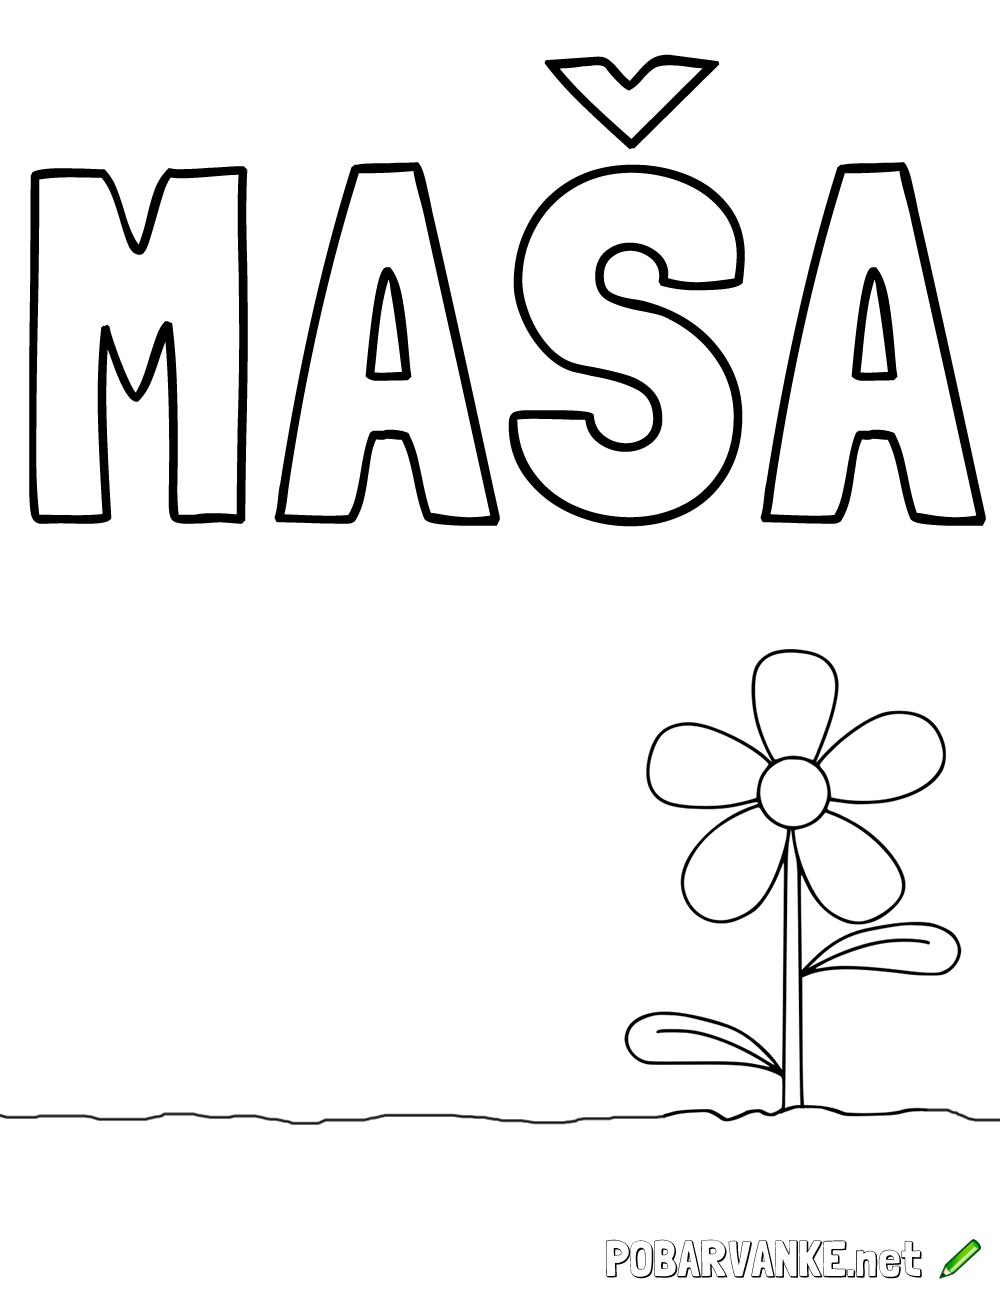 Pobarvanka imena Maška (2)